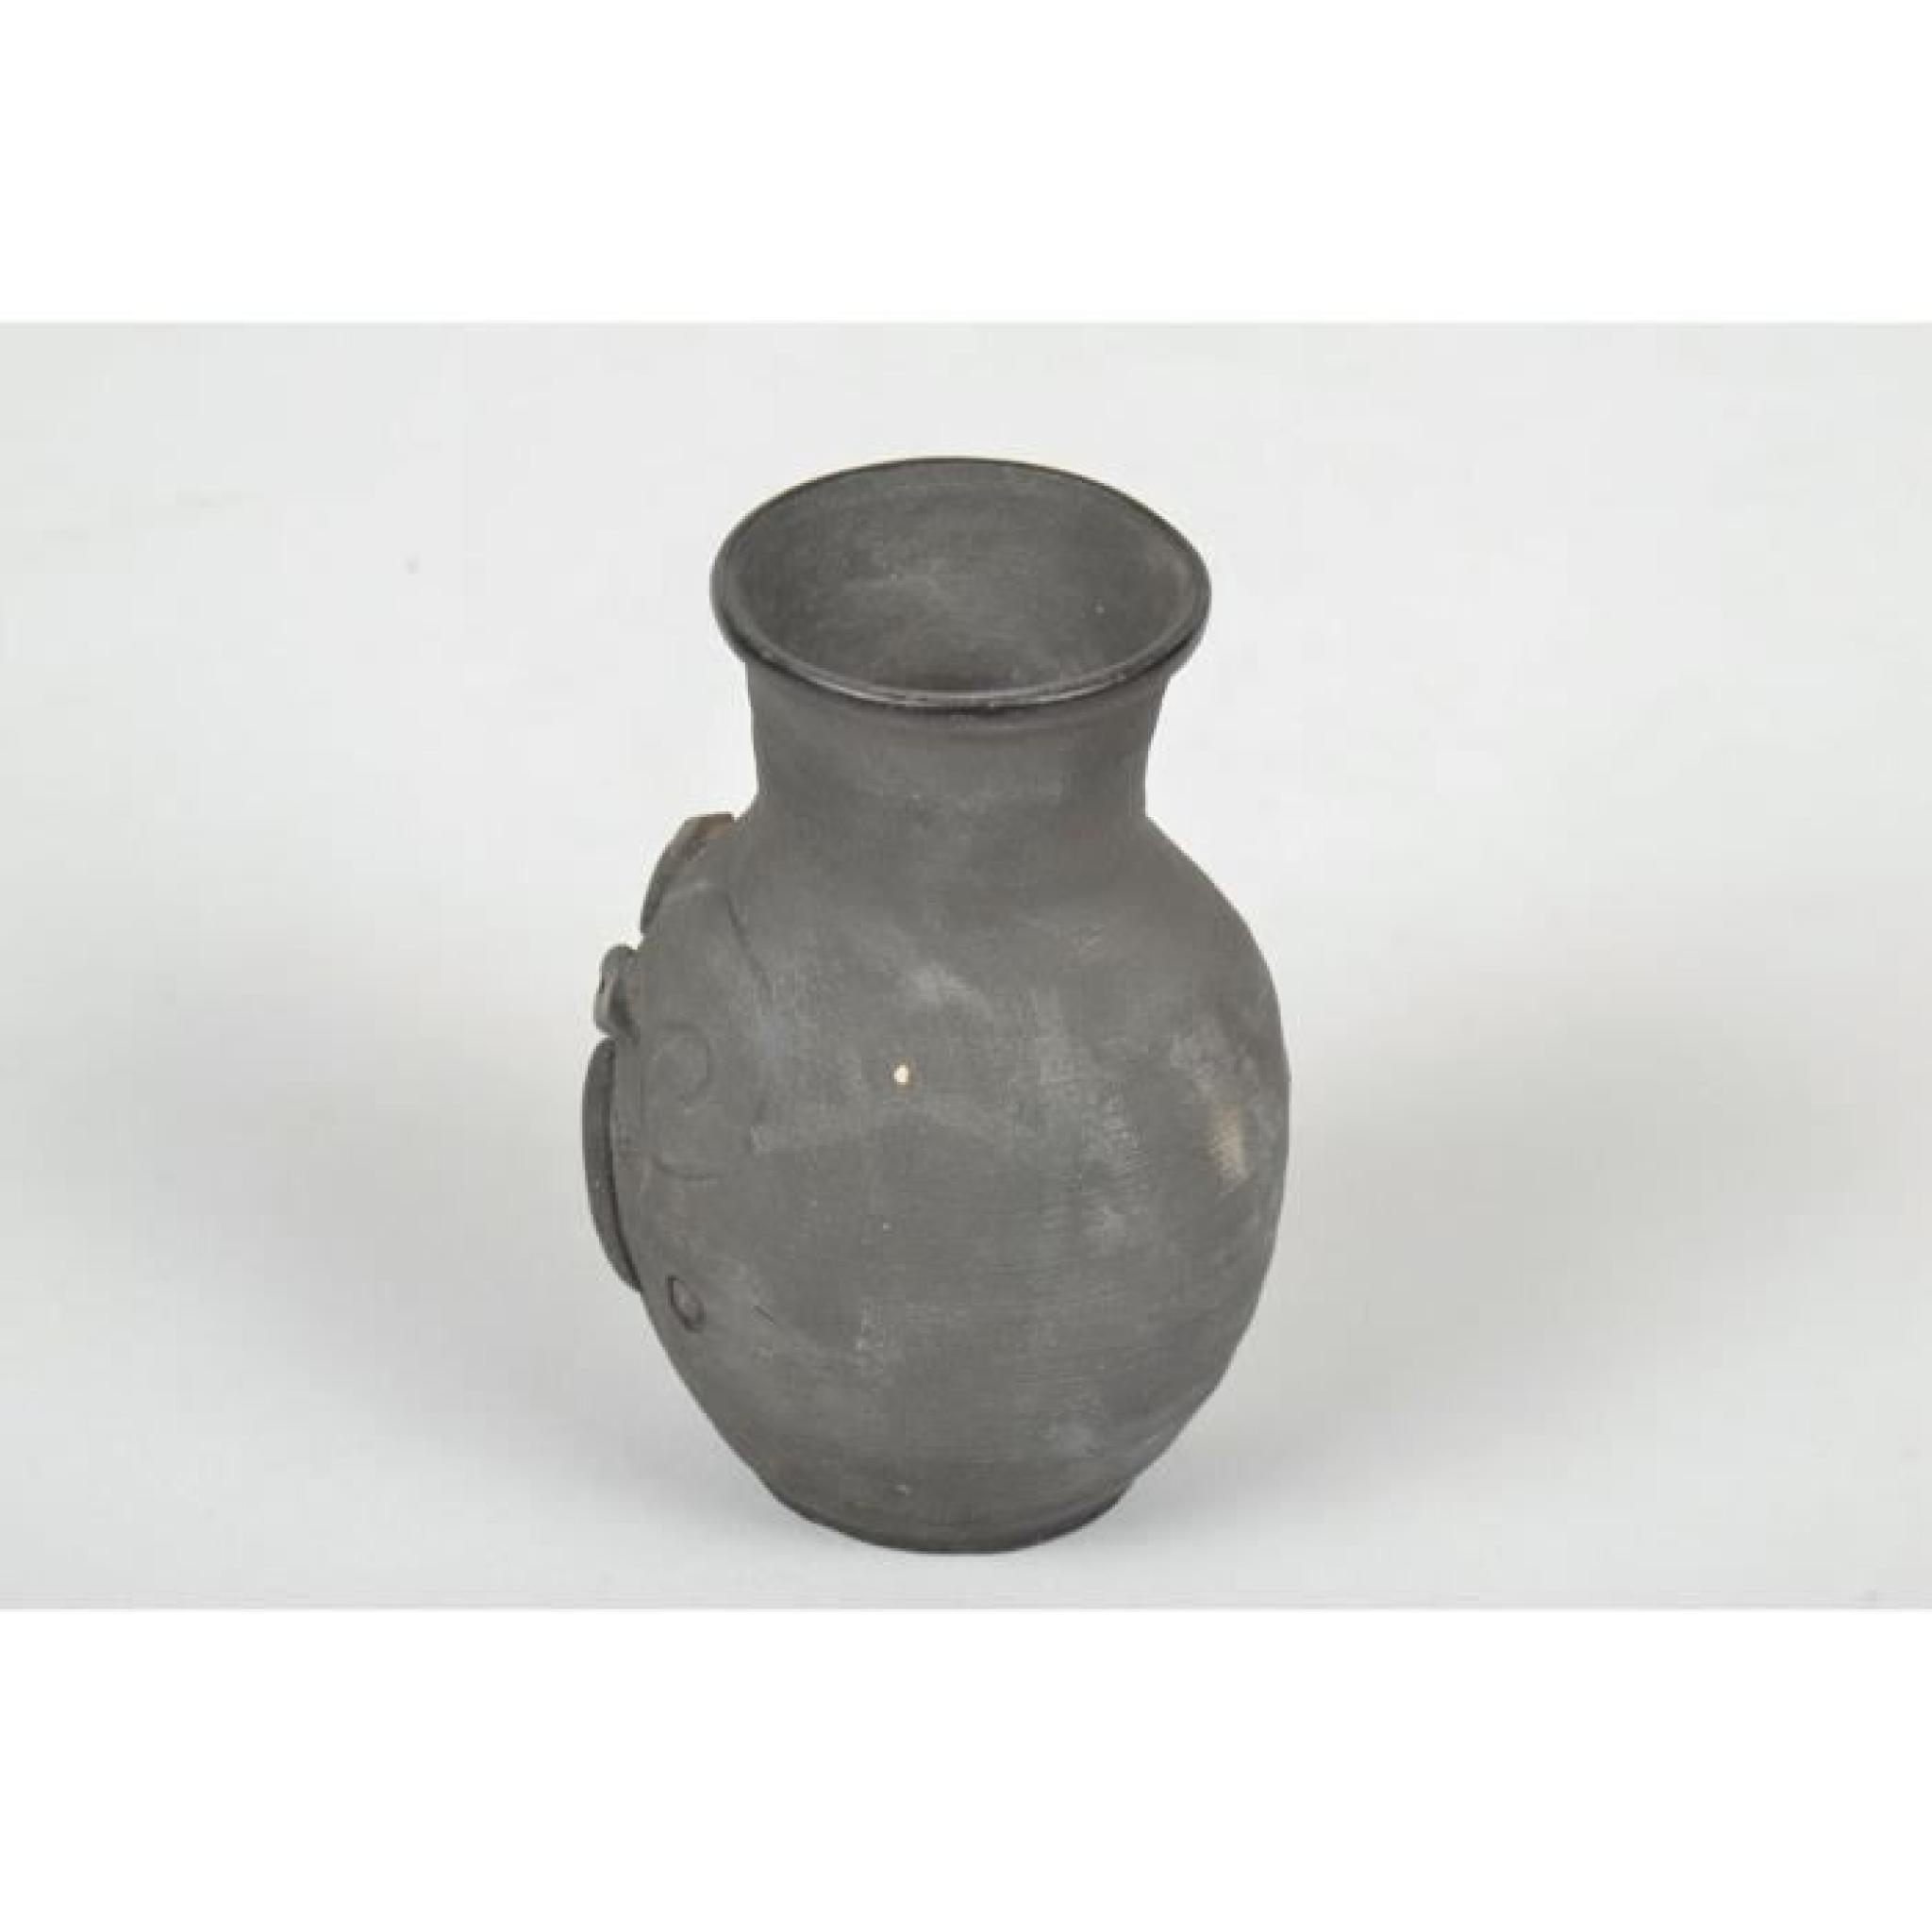 petit vase en terre cuite fait main achat vente meuble. Black Bedroom Furniture Sets. Home Design Ideas